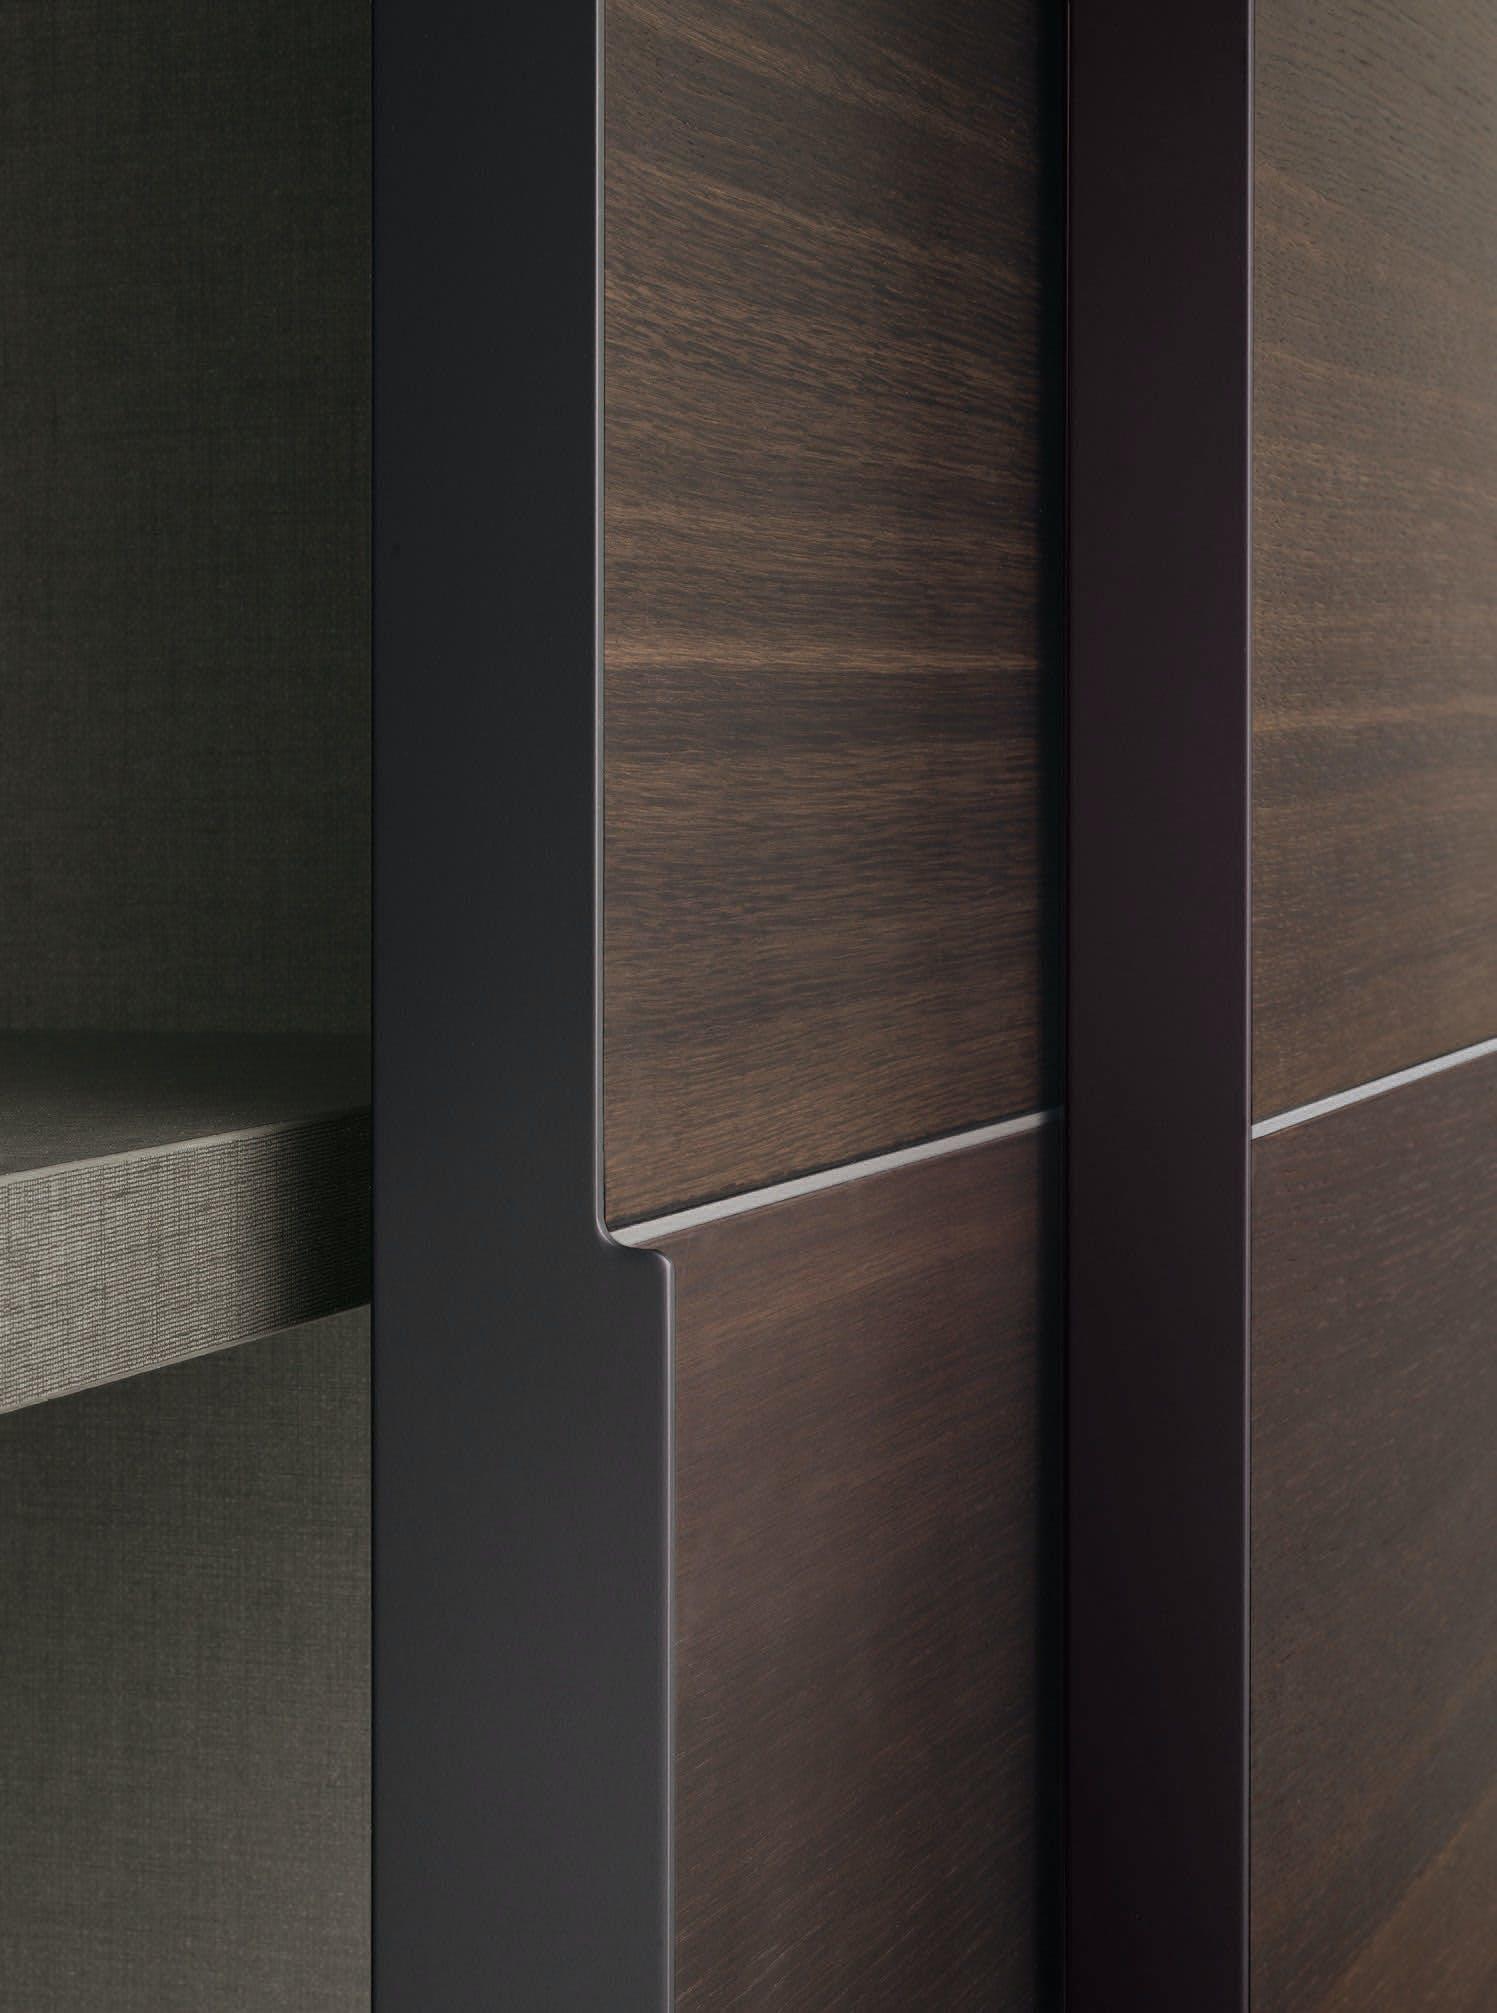 Giellesse Heron System Wood Detil Haute Living